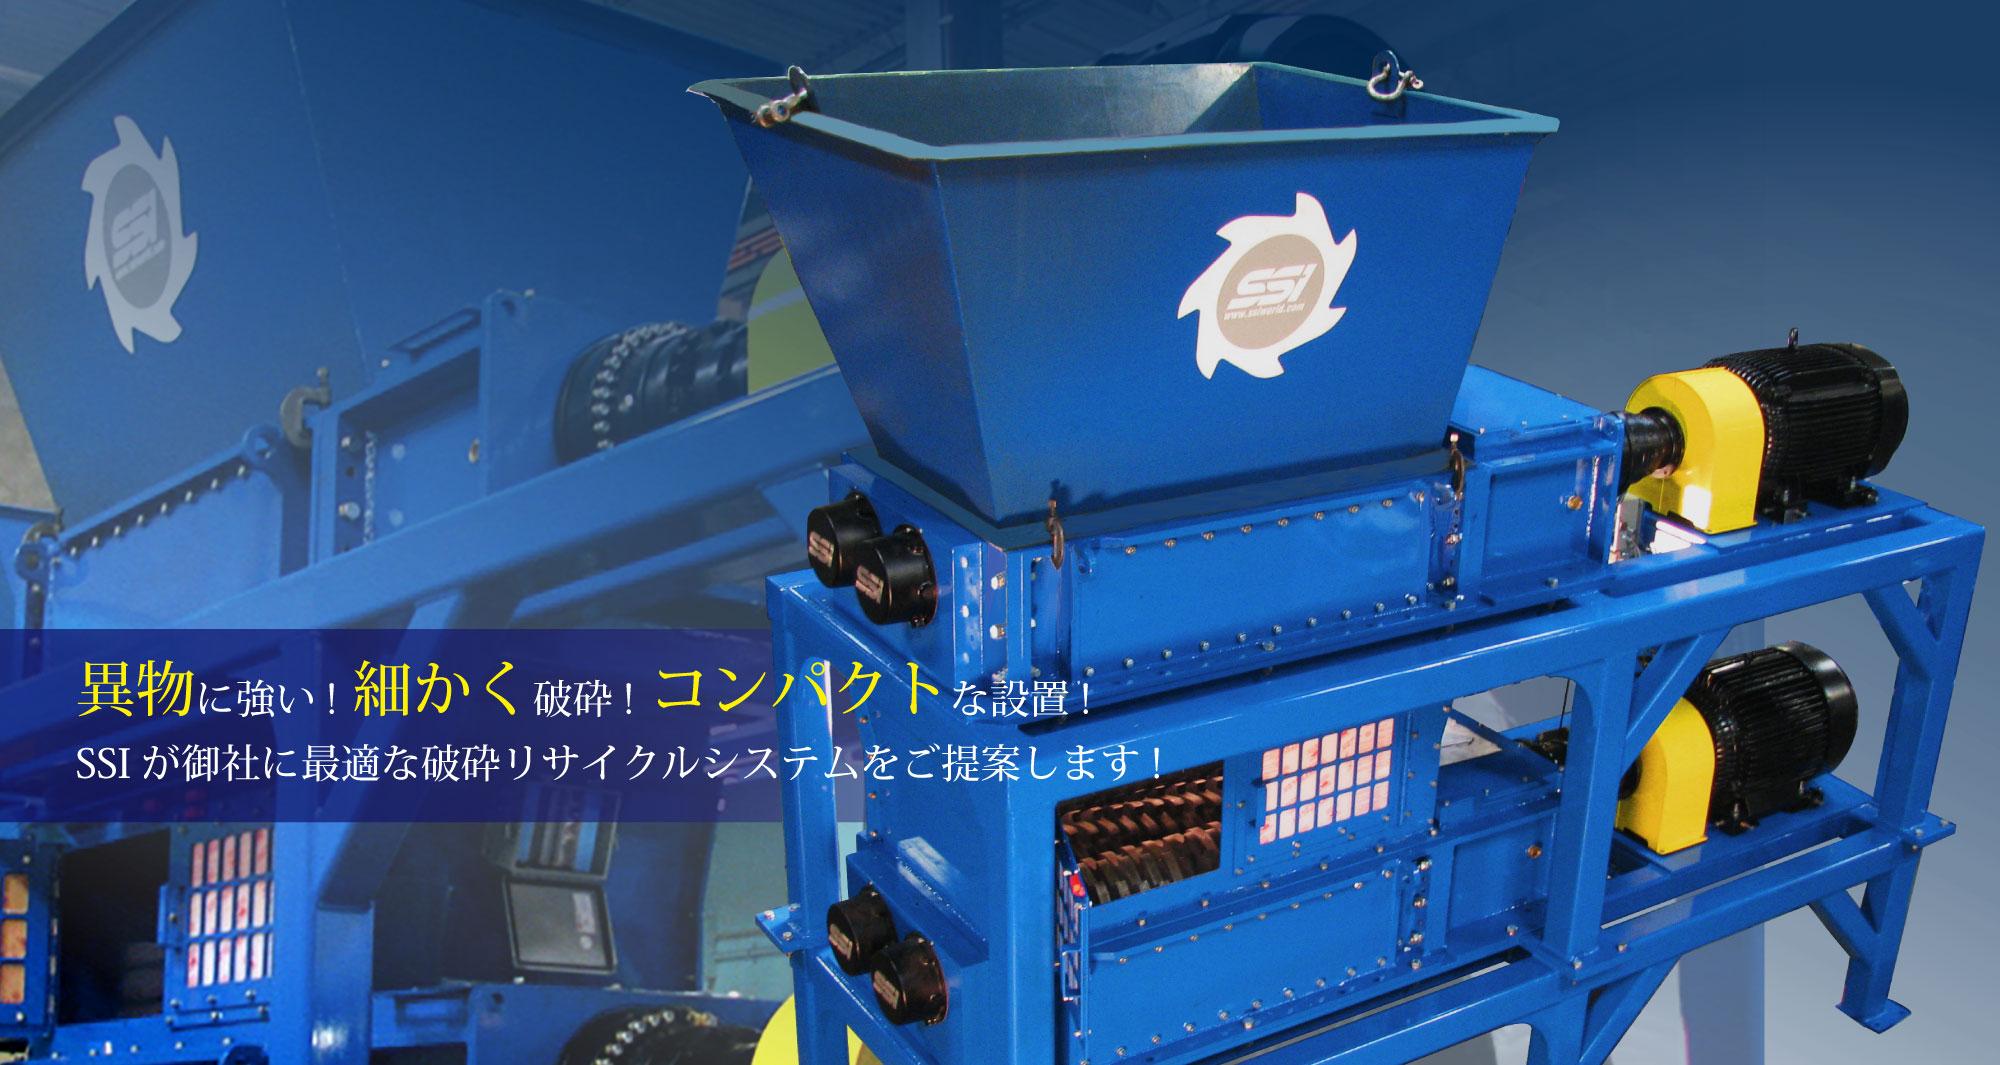 処理困難物を確実に破砕!異物に強い!コンパクトな設置! SSI が御社に最適な破砕機をご提案します! !